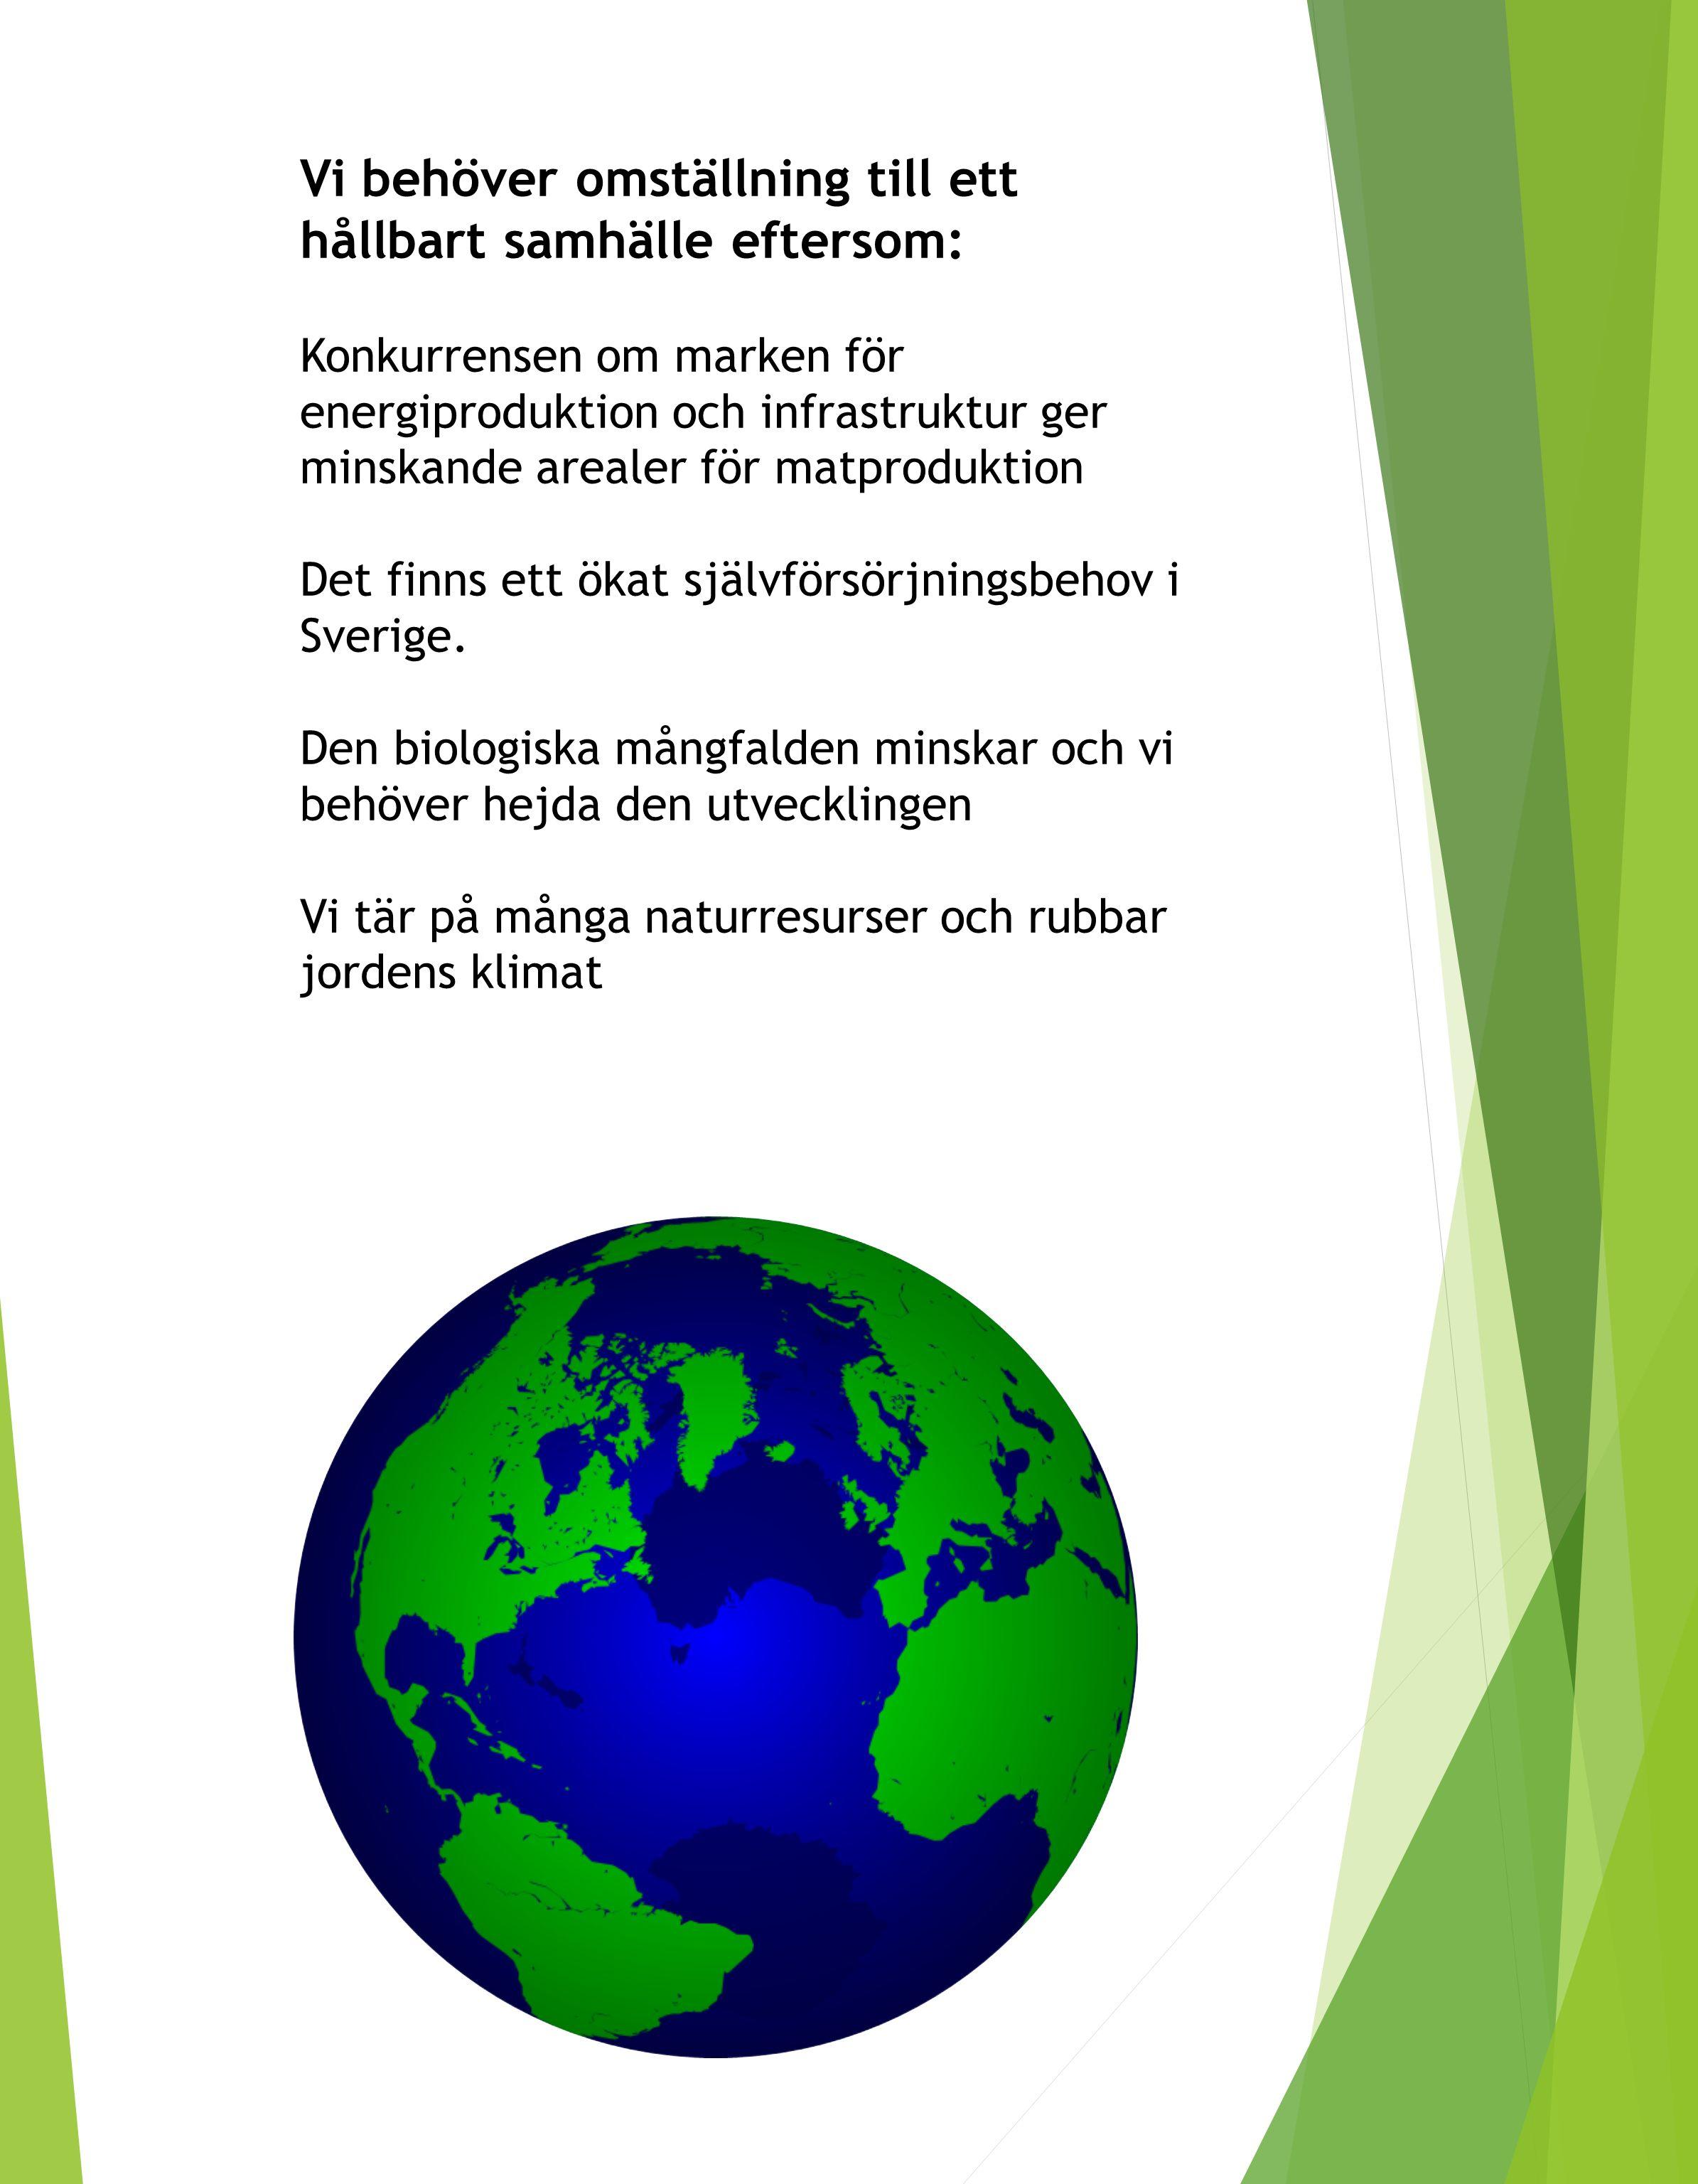 Vi behöver omställning till ett hållbart samhälle eftersom: Konkurrensen om marken för energiproduktion och infrastruktur ger minskande arealer för ma